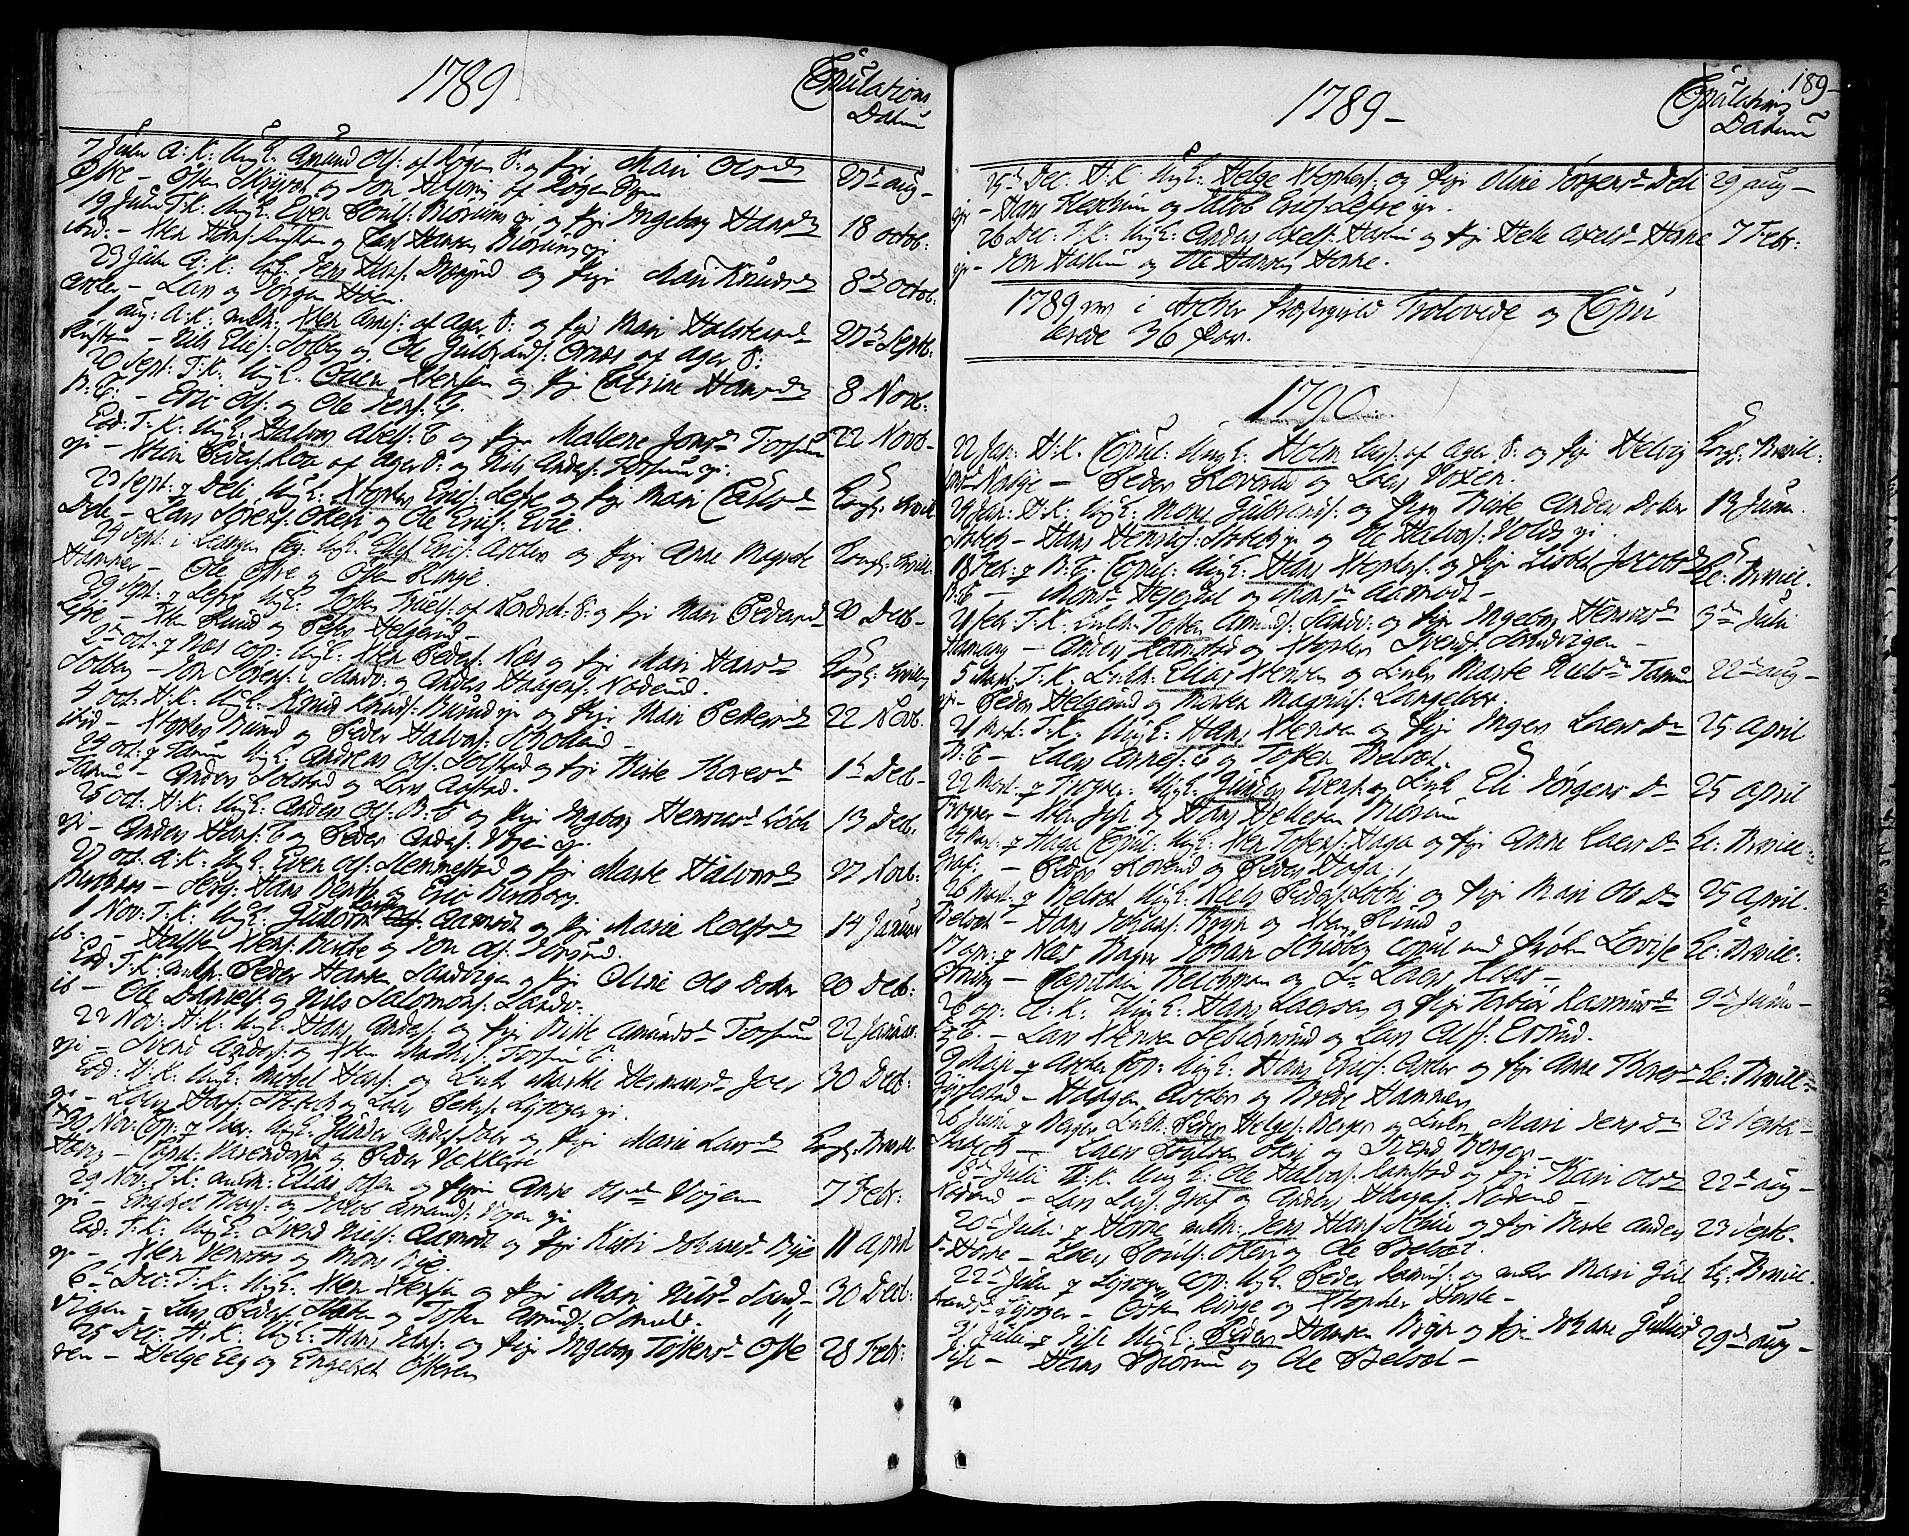 SAO, Asker prestekontor Kirkebøker, F/Fa/L0003: Ministerialbok nr. I 3, 1767-1807, s. 189